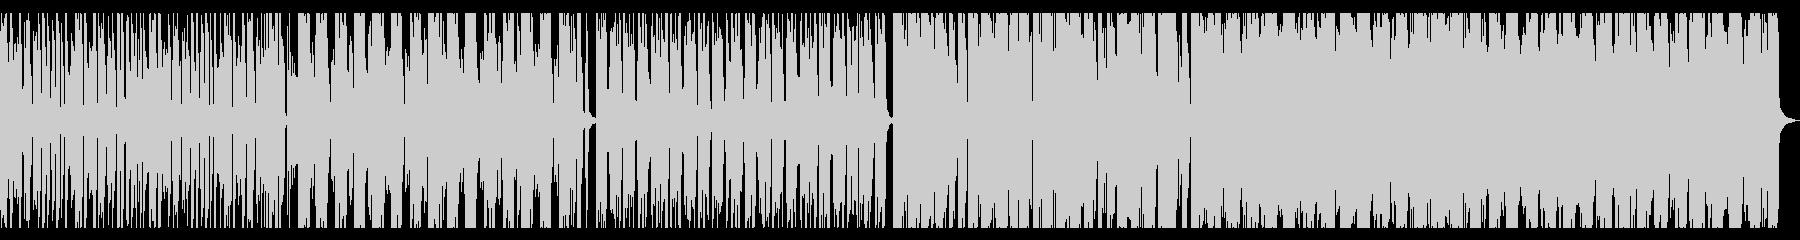 マイナーな雰囲気のロック_No390_3の未再生の波形